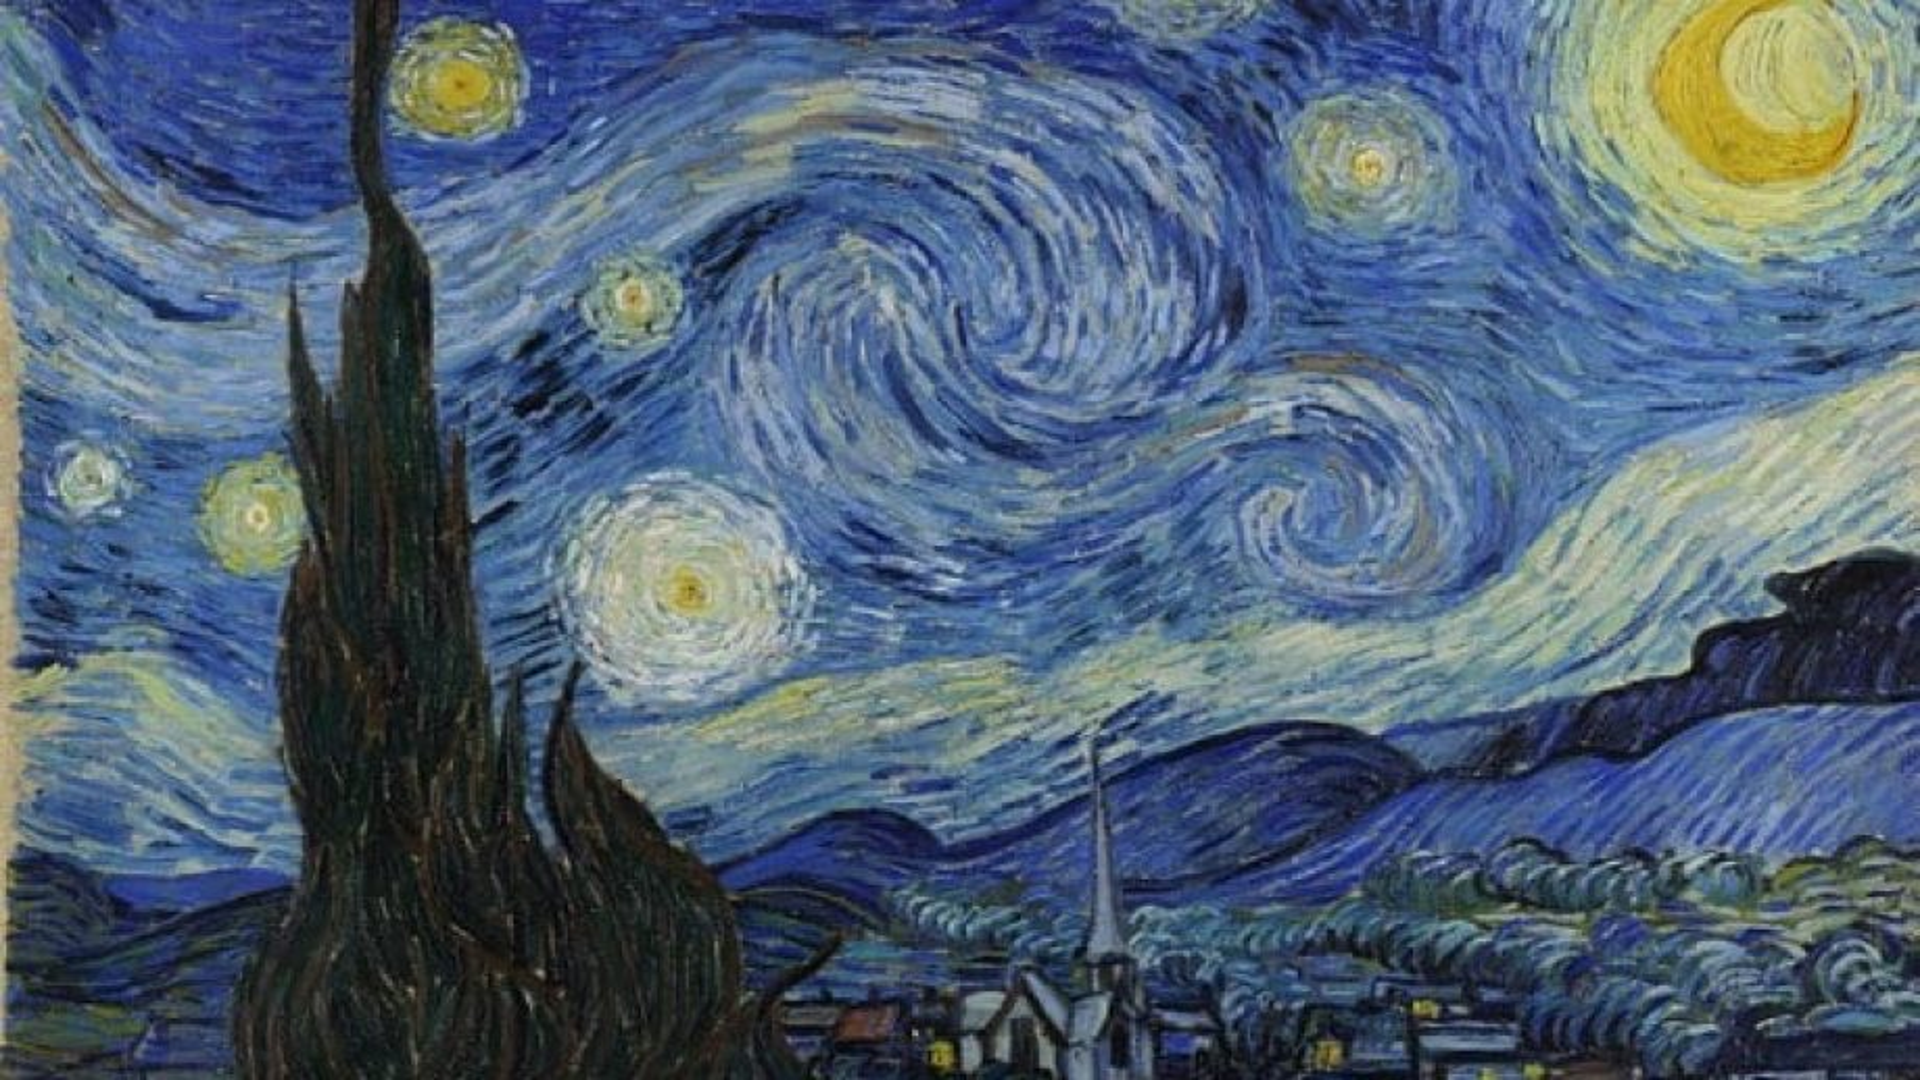 Sur les traces de Van Gogh à Saint-Rémy-de-Provence